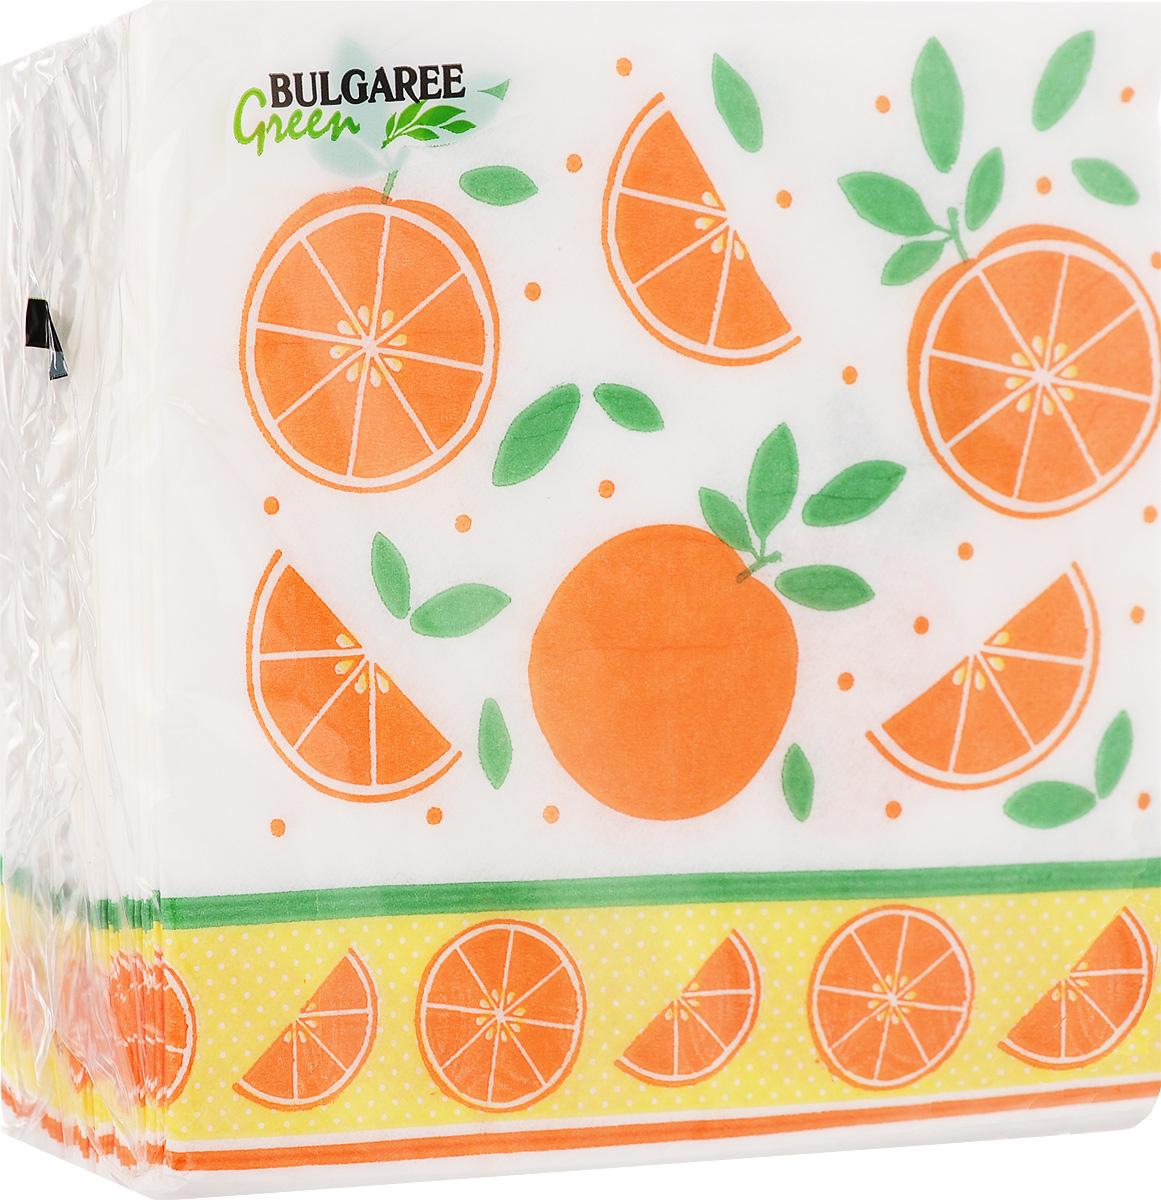 Салфетки бумажные Bulgaree Green Апельсины, однослойные, 24 х 24 см, 100 шт101620_АпельсиныДекоративные однослойные салфетки Bulgaree Green Апельсины выполнены из 100%целлюлозы европейского качества и оформлены ярким рисунком. Изделия станут отличным дополнением любого праздничного стола. Они отличаются необычной мягкостью, прочностью и оригинальностью.Размер салфеток в развернутом виде: 24 х 24 см.